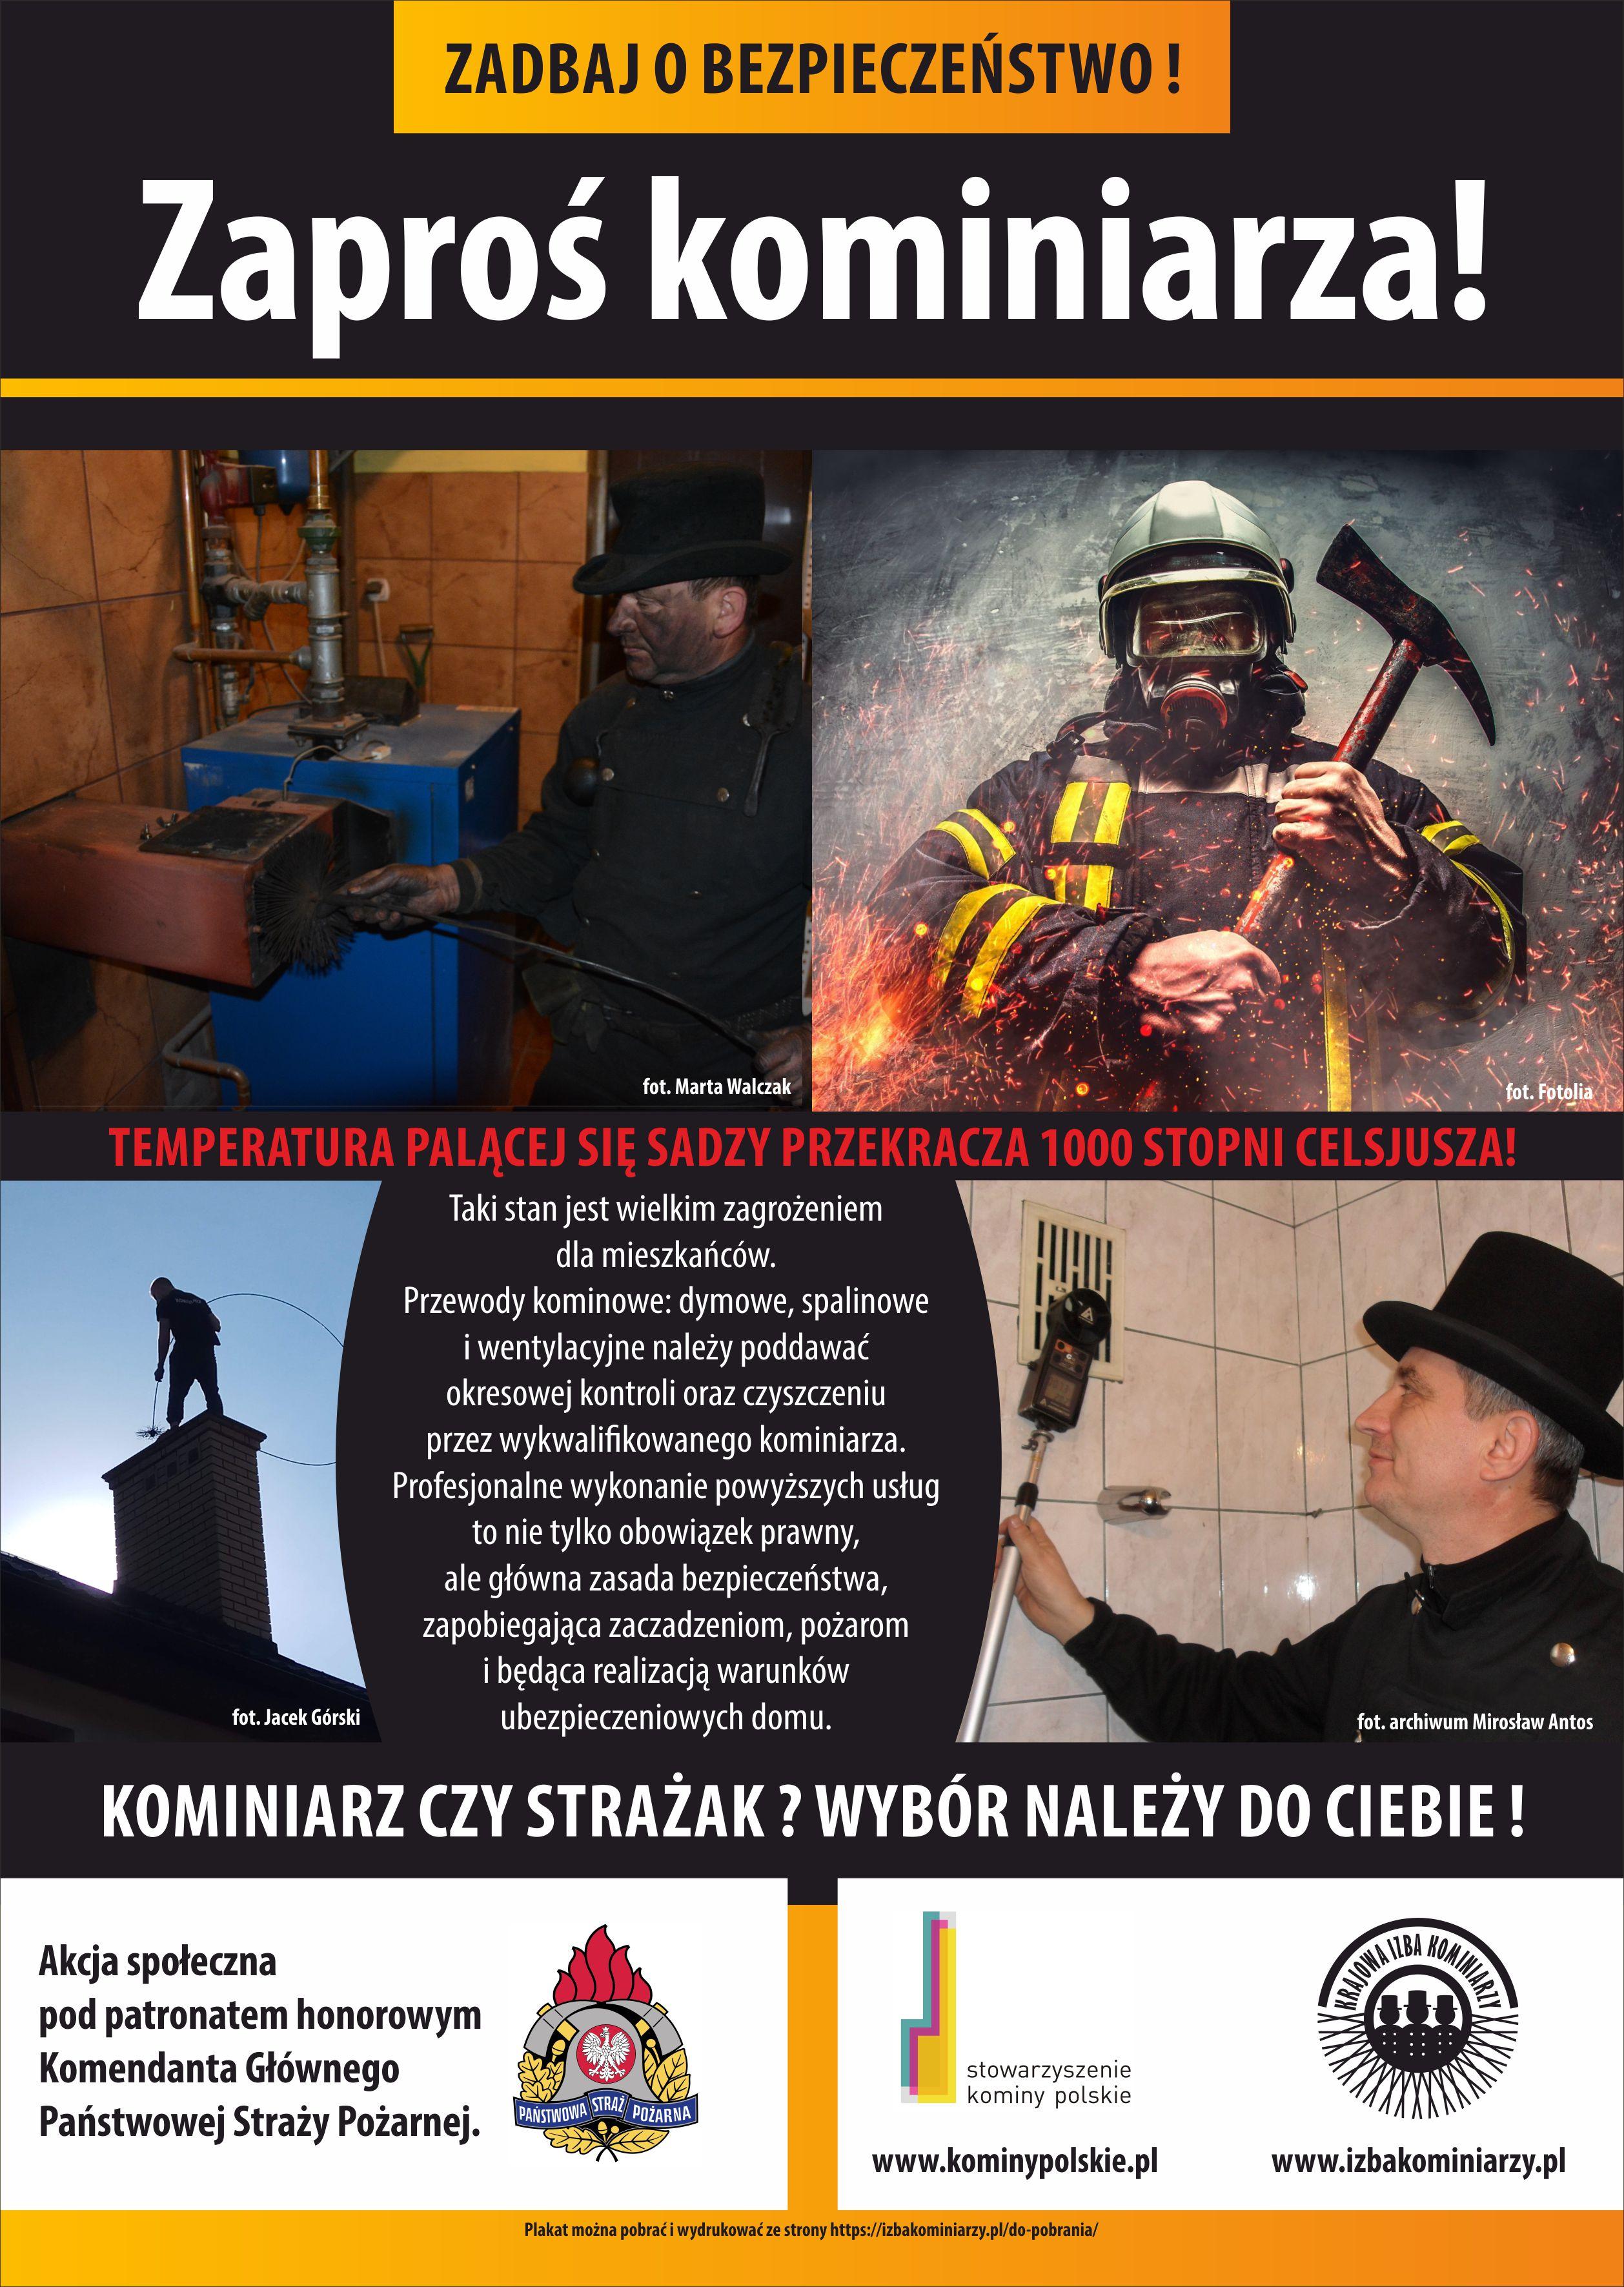 Ilustracja do informacji: ZAPROŚ KOMINIARZA - zadbaj o bezpieczeństwo!